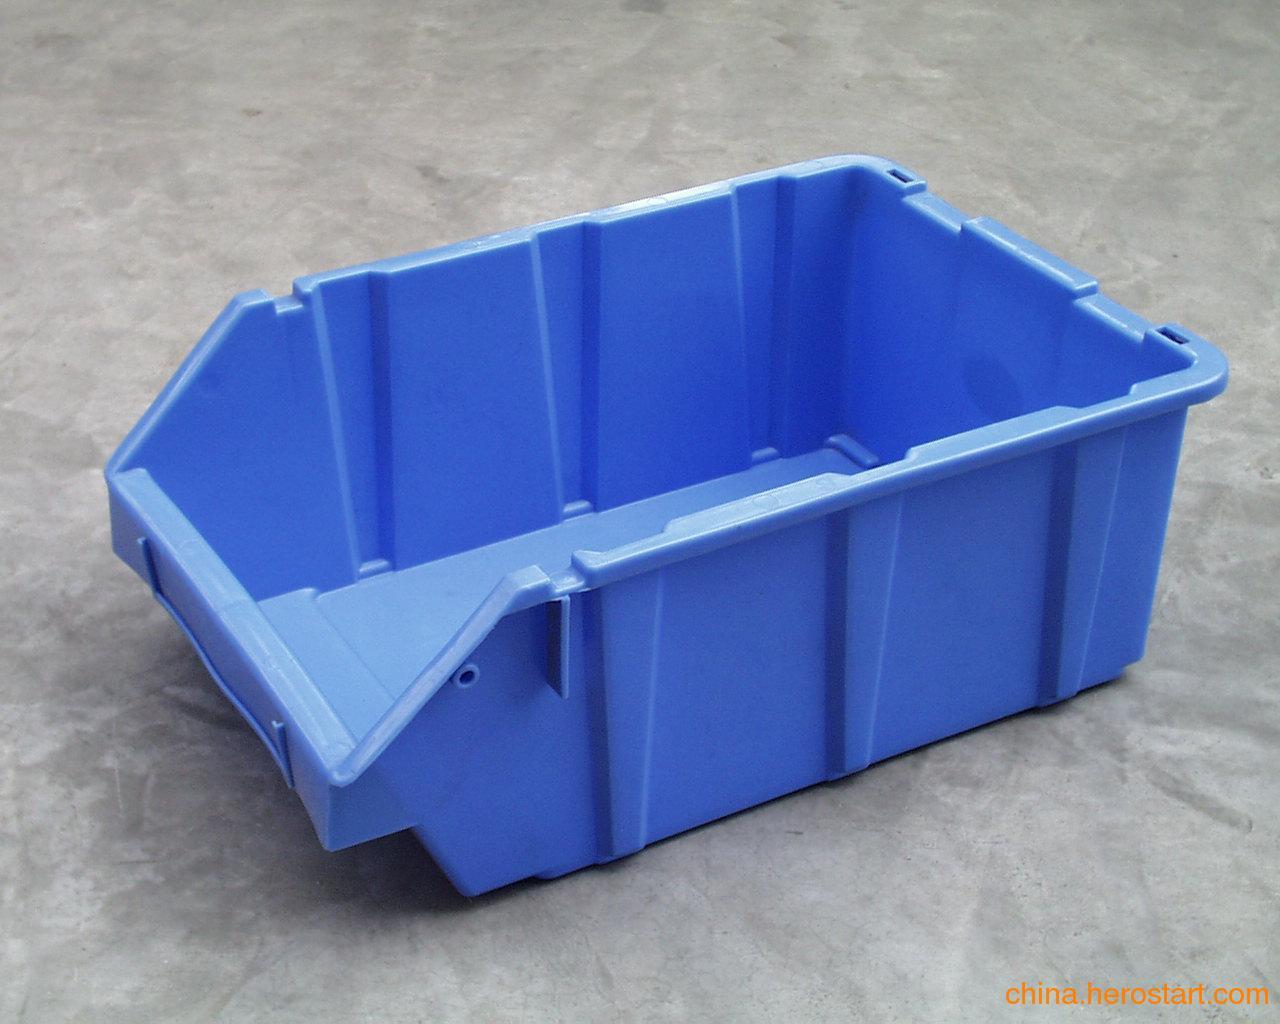 供应全新材料pp材质安徽塑料物料盒厂家直销,量大可定做